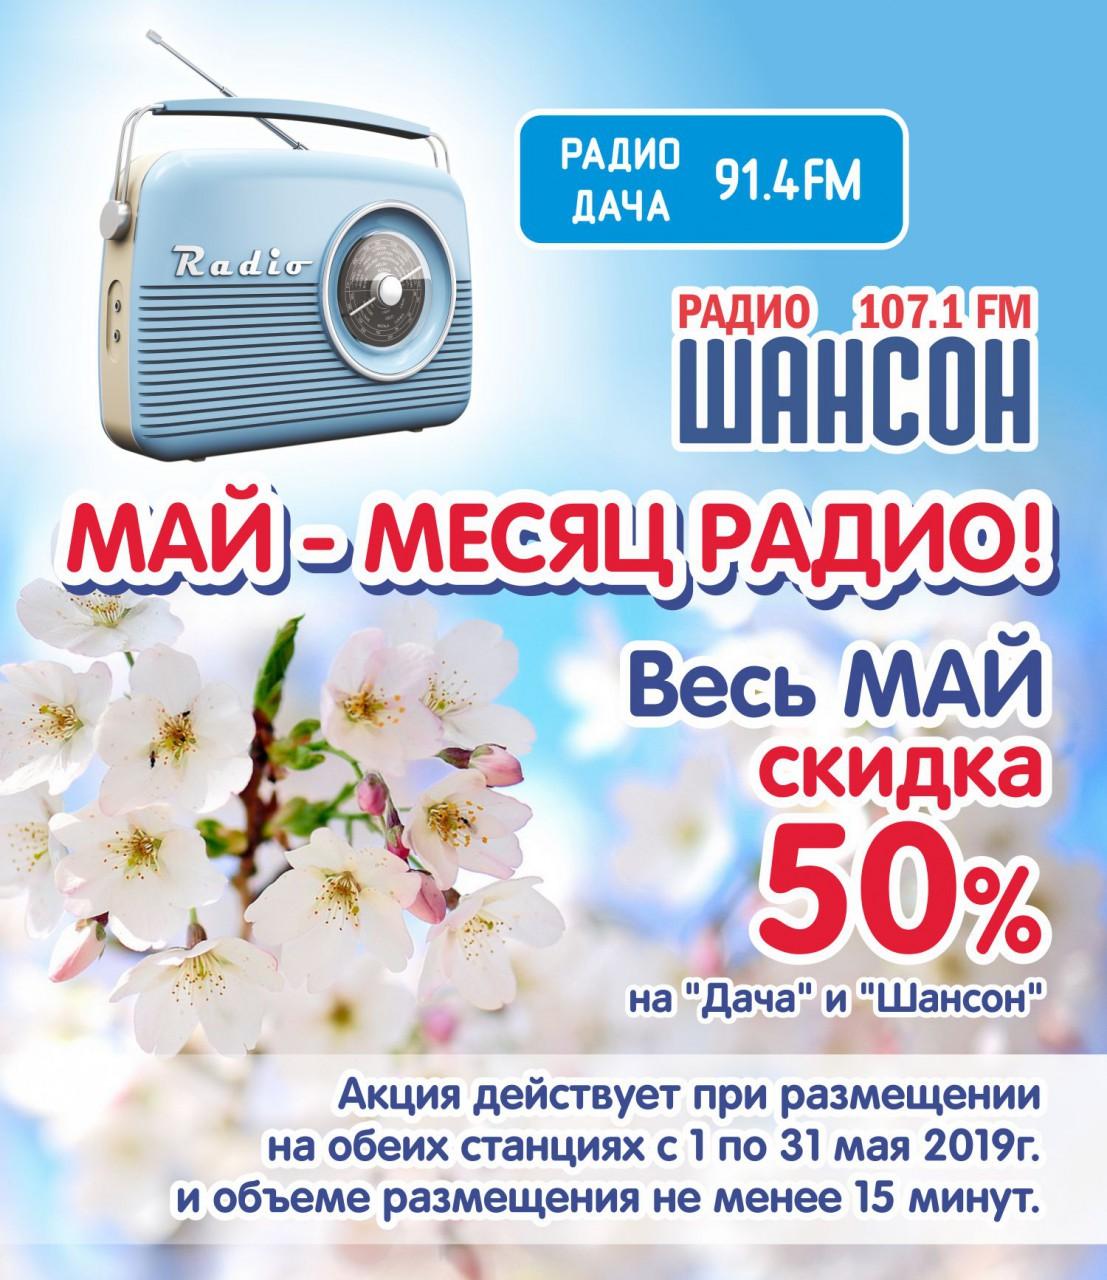 Май - месяц радио